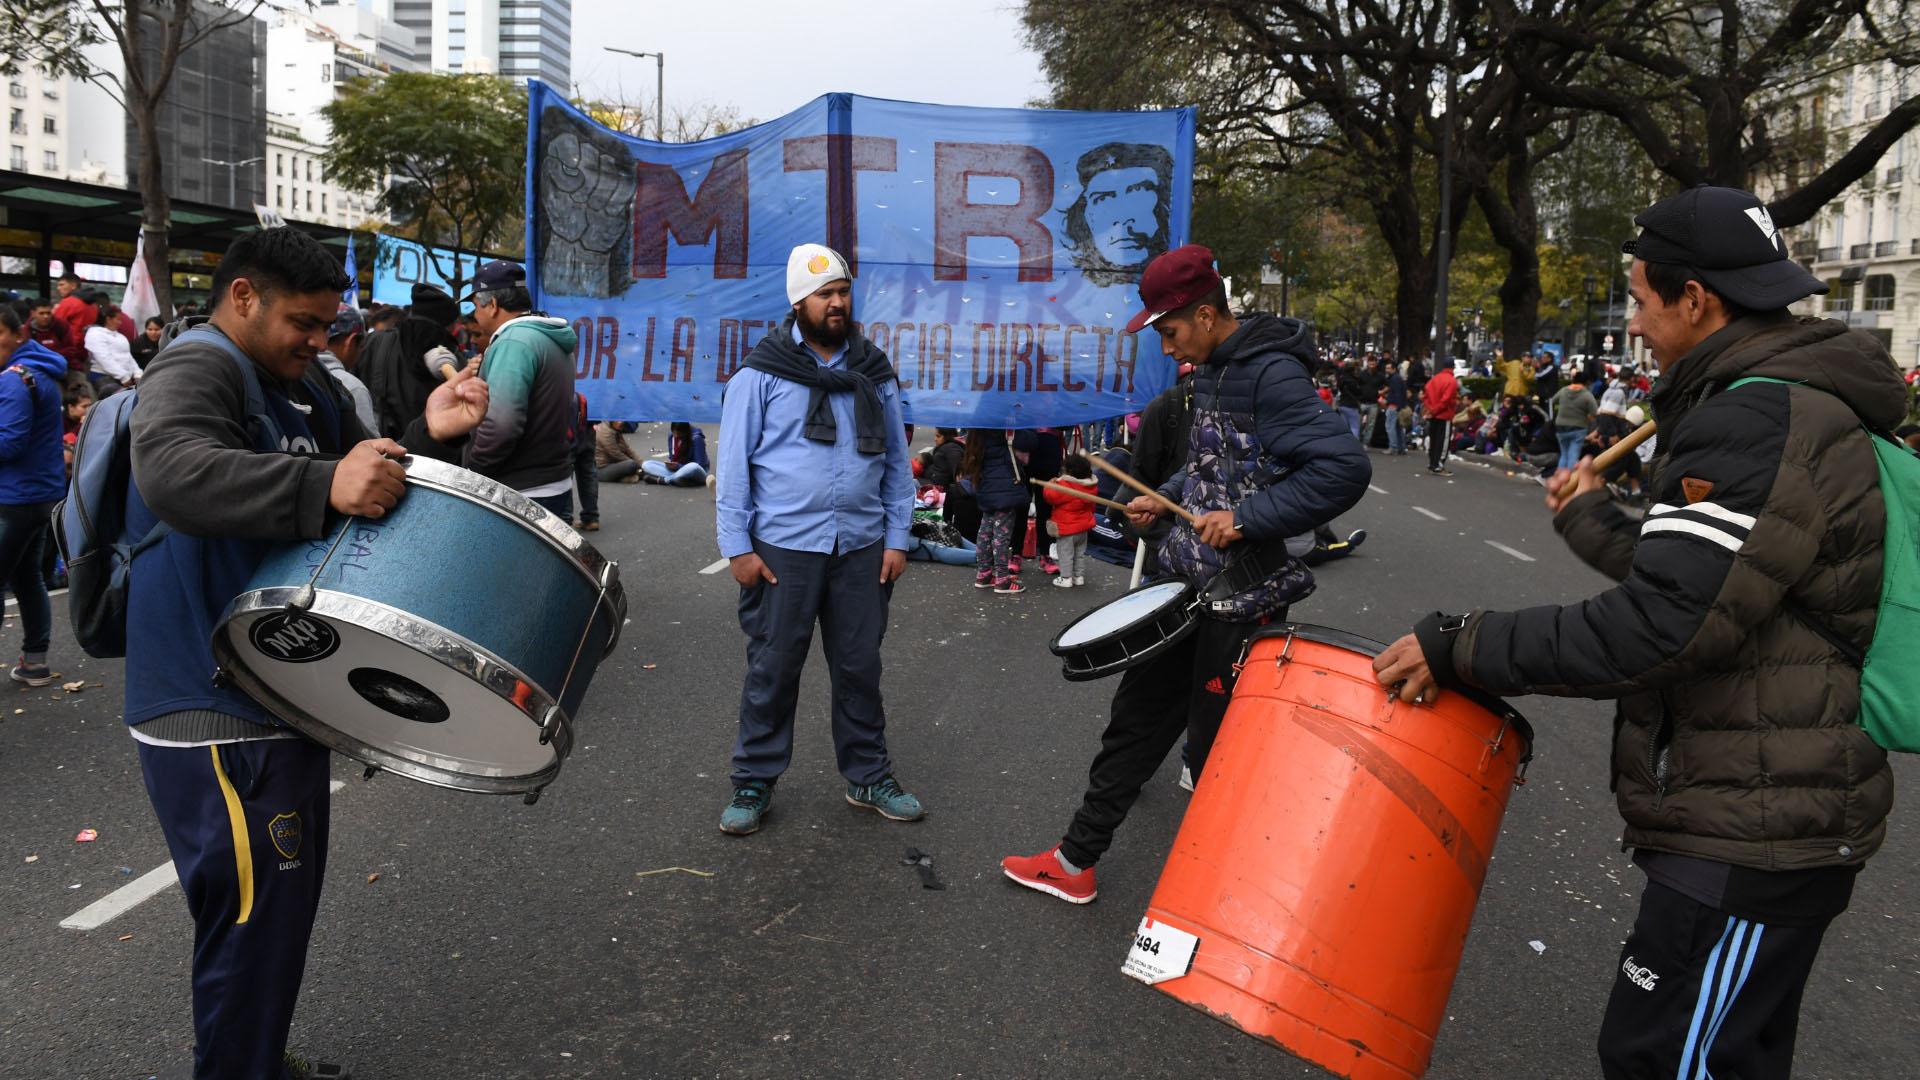 La protesta se multiplicó en otros lugares del país